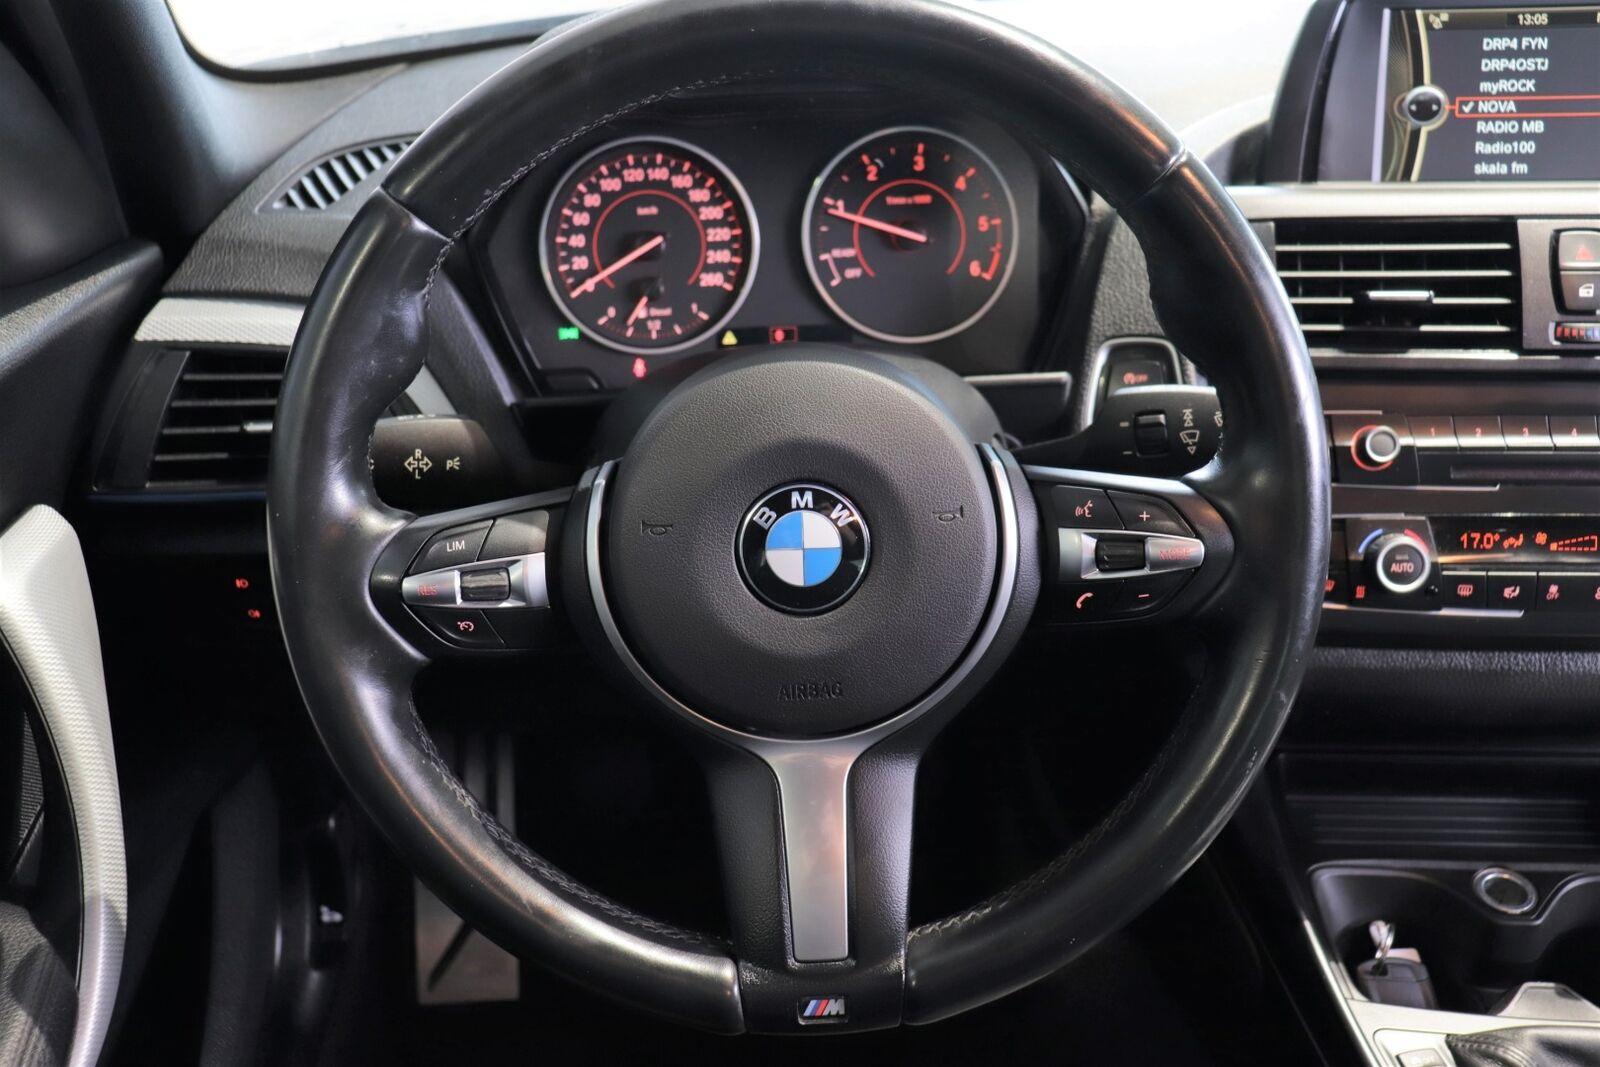 BMW 116d Van